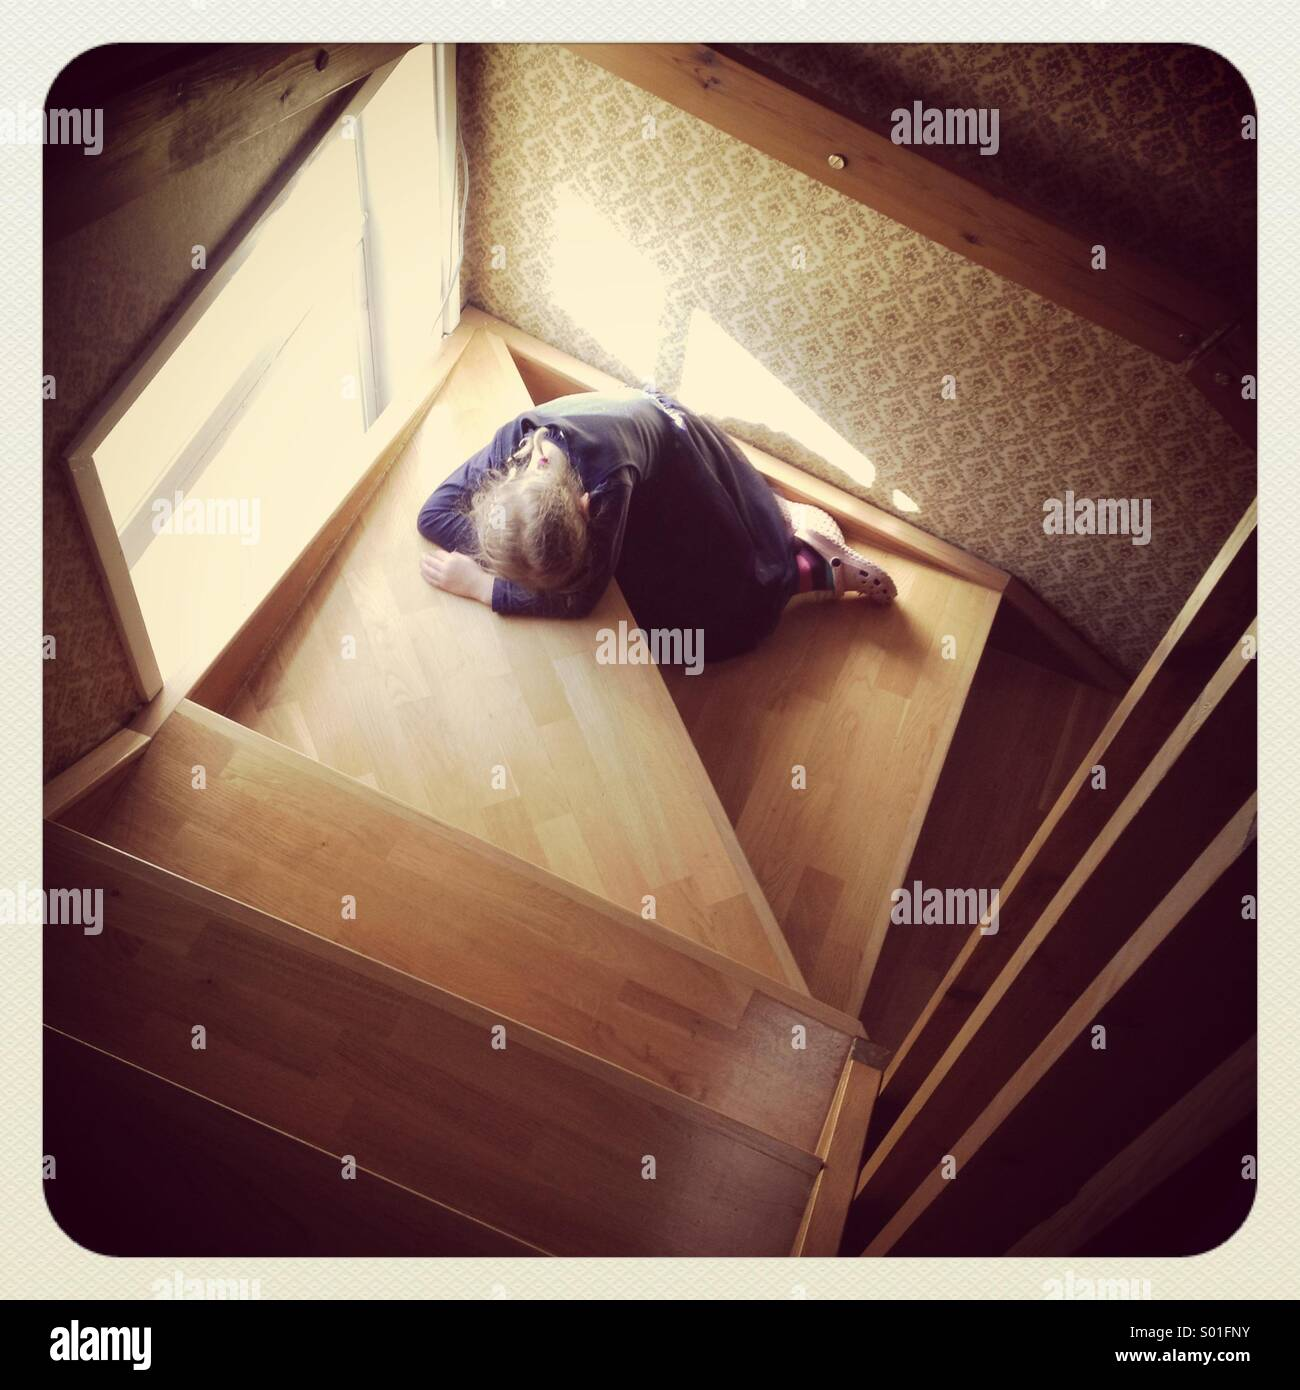 Ein junges Mädchen schlafend oder verärgert auf einige alte Holztreppen Stockbild